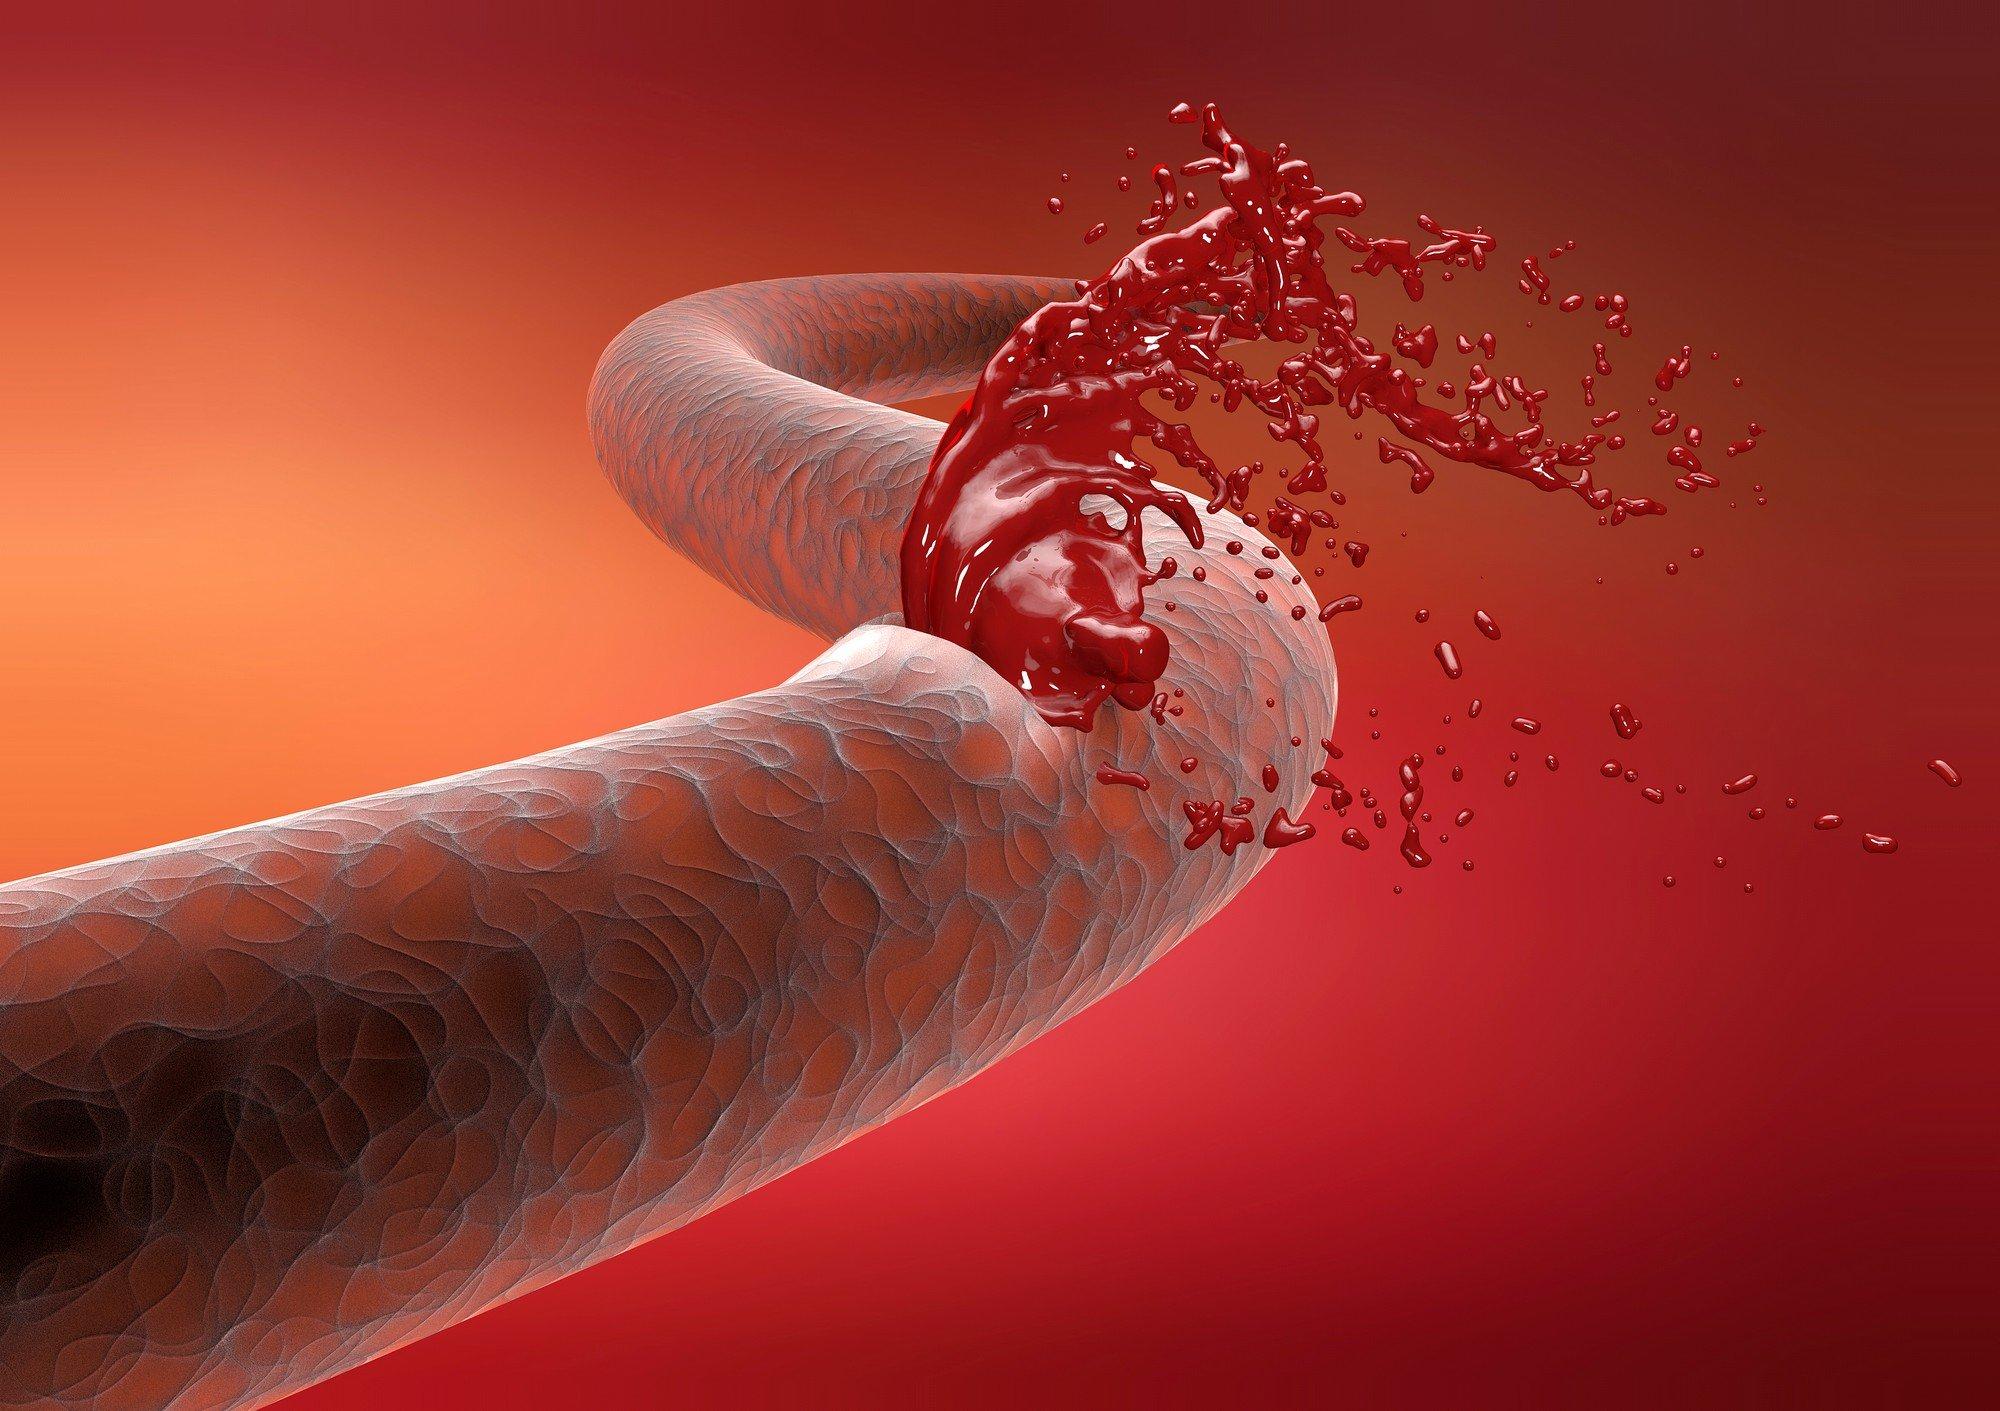 Тромбоцитопения: что это такое? Причины возникновения у взрослых, диагностика и последствия тромбоцитопении